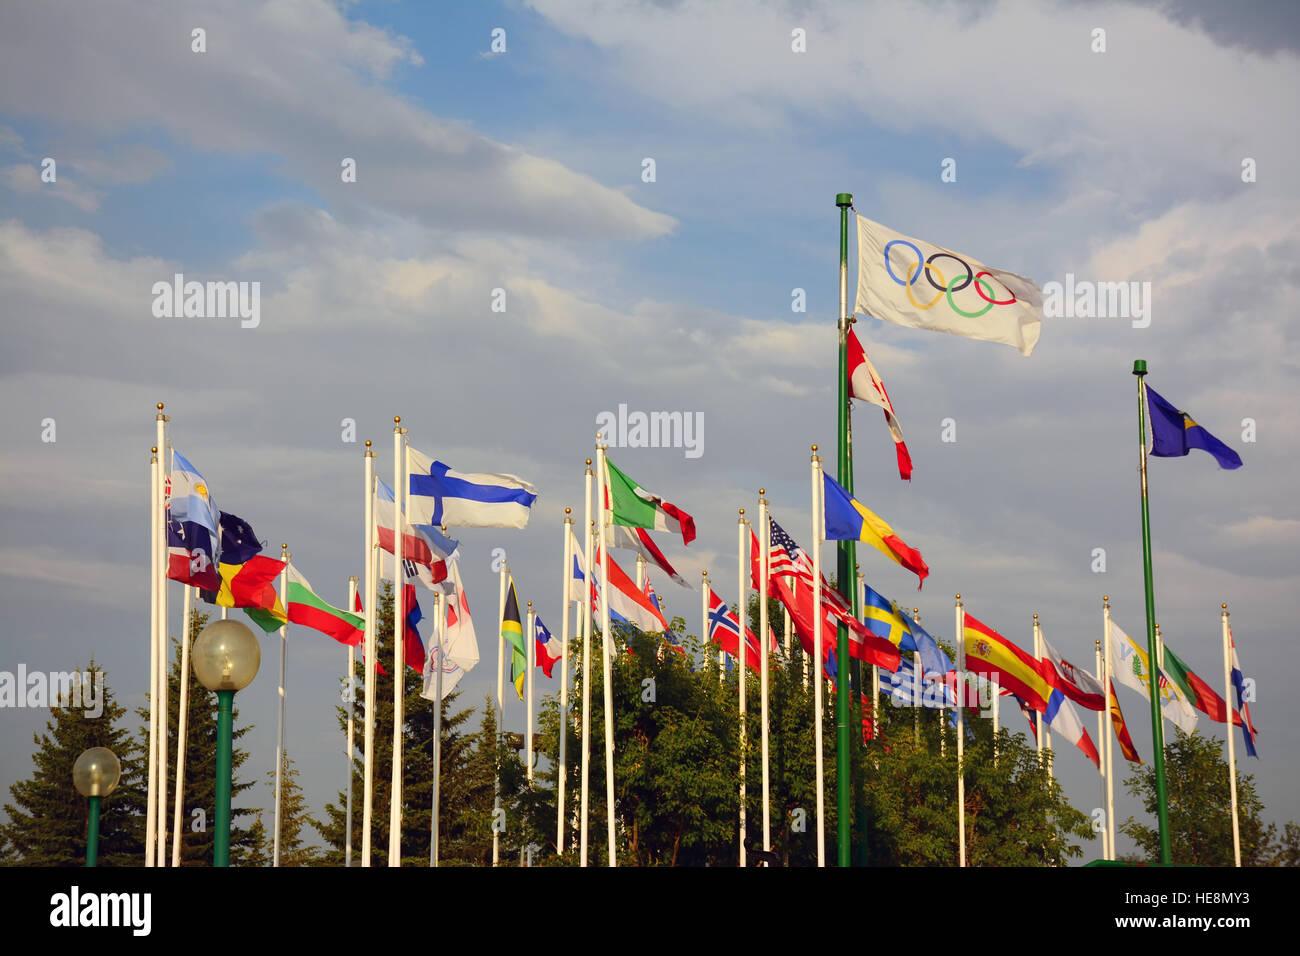 Bandiere internazionali a Calgary, Canada Immagini Stock